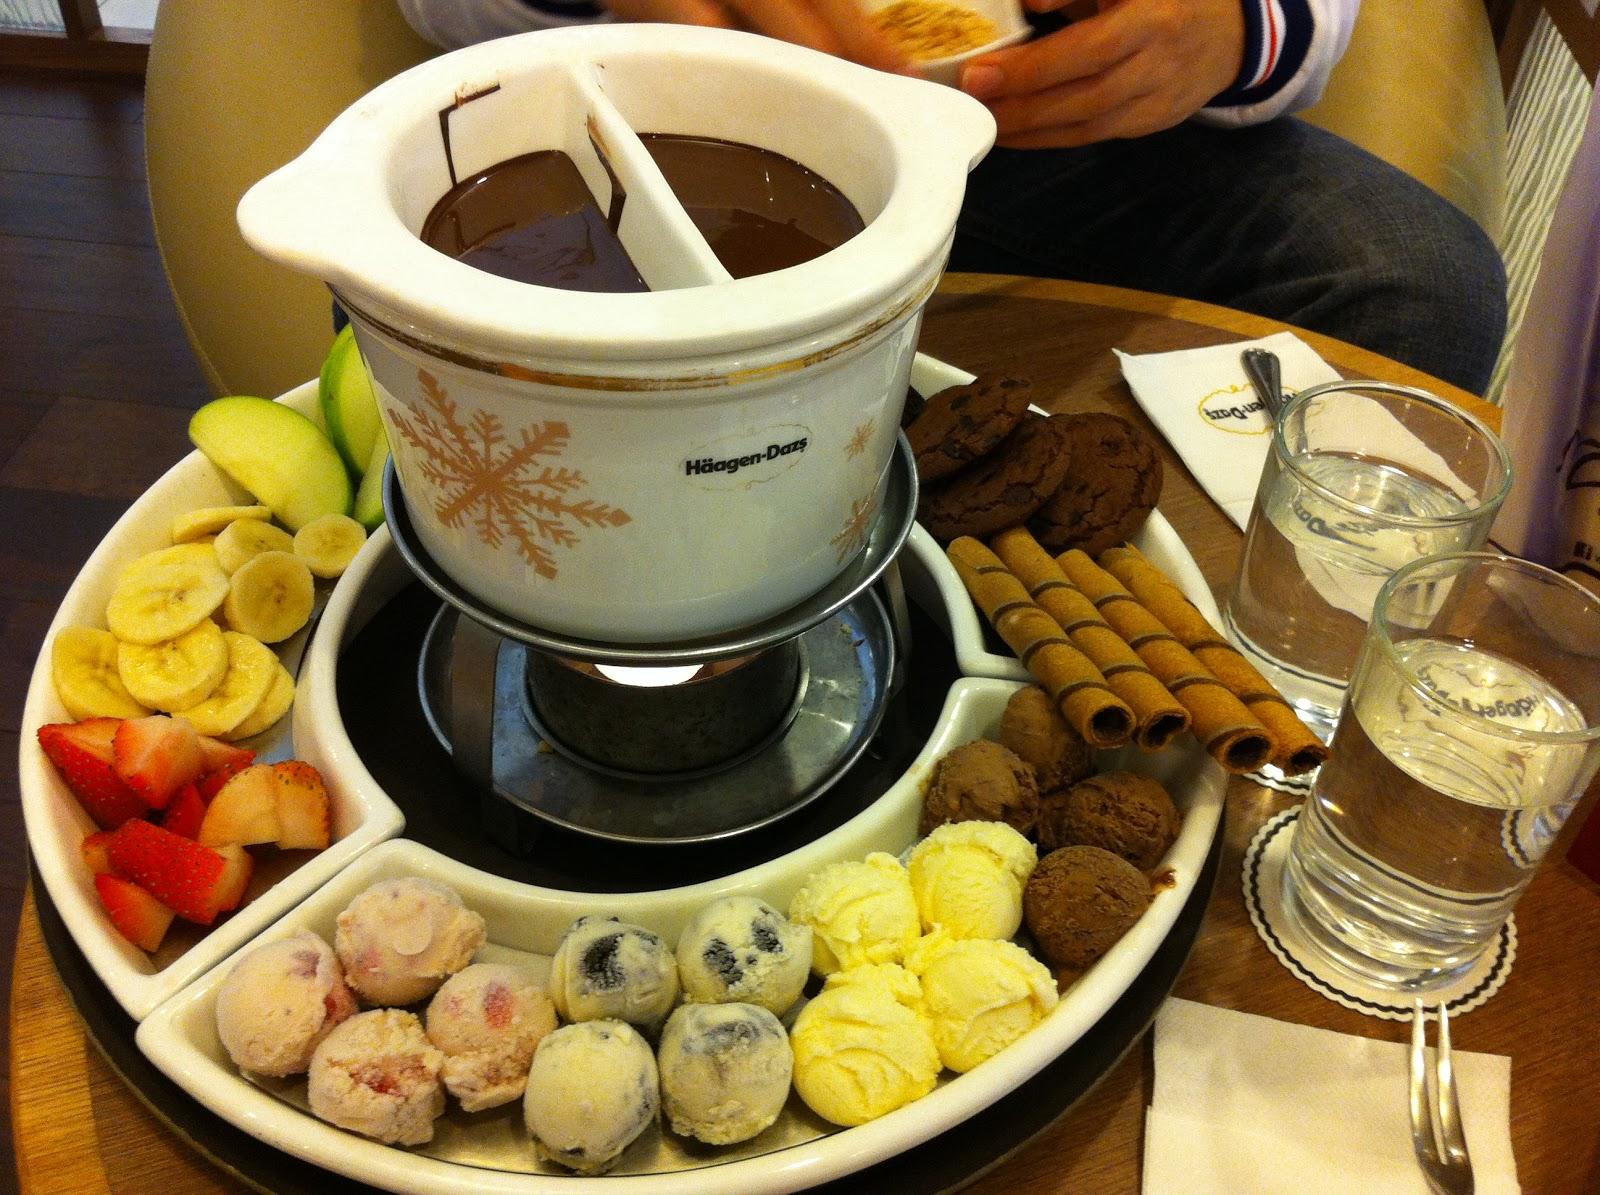 Shinnleng's Endless Stories ☼: Haagen-Dazs Chocolate ...